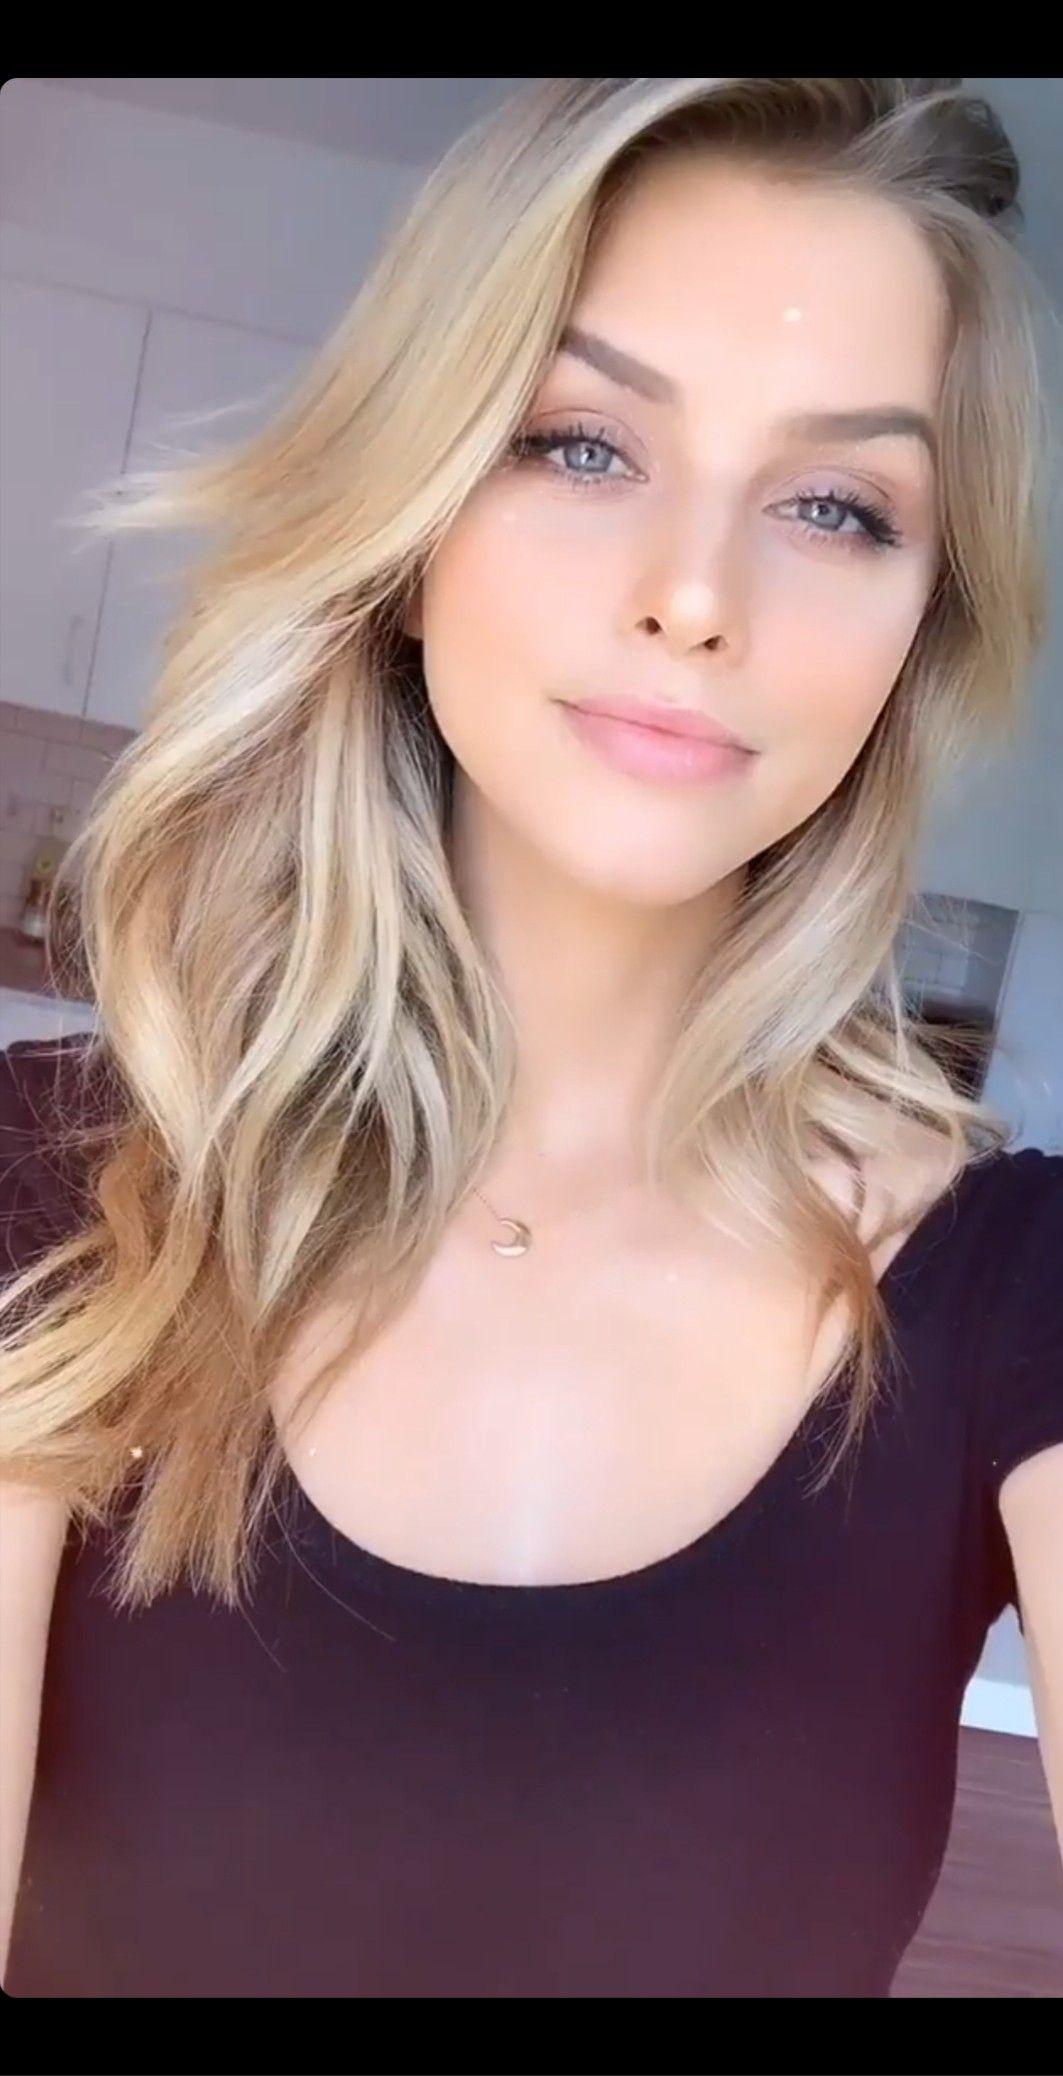 marooshk instagram pinterest beauty elitela model